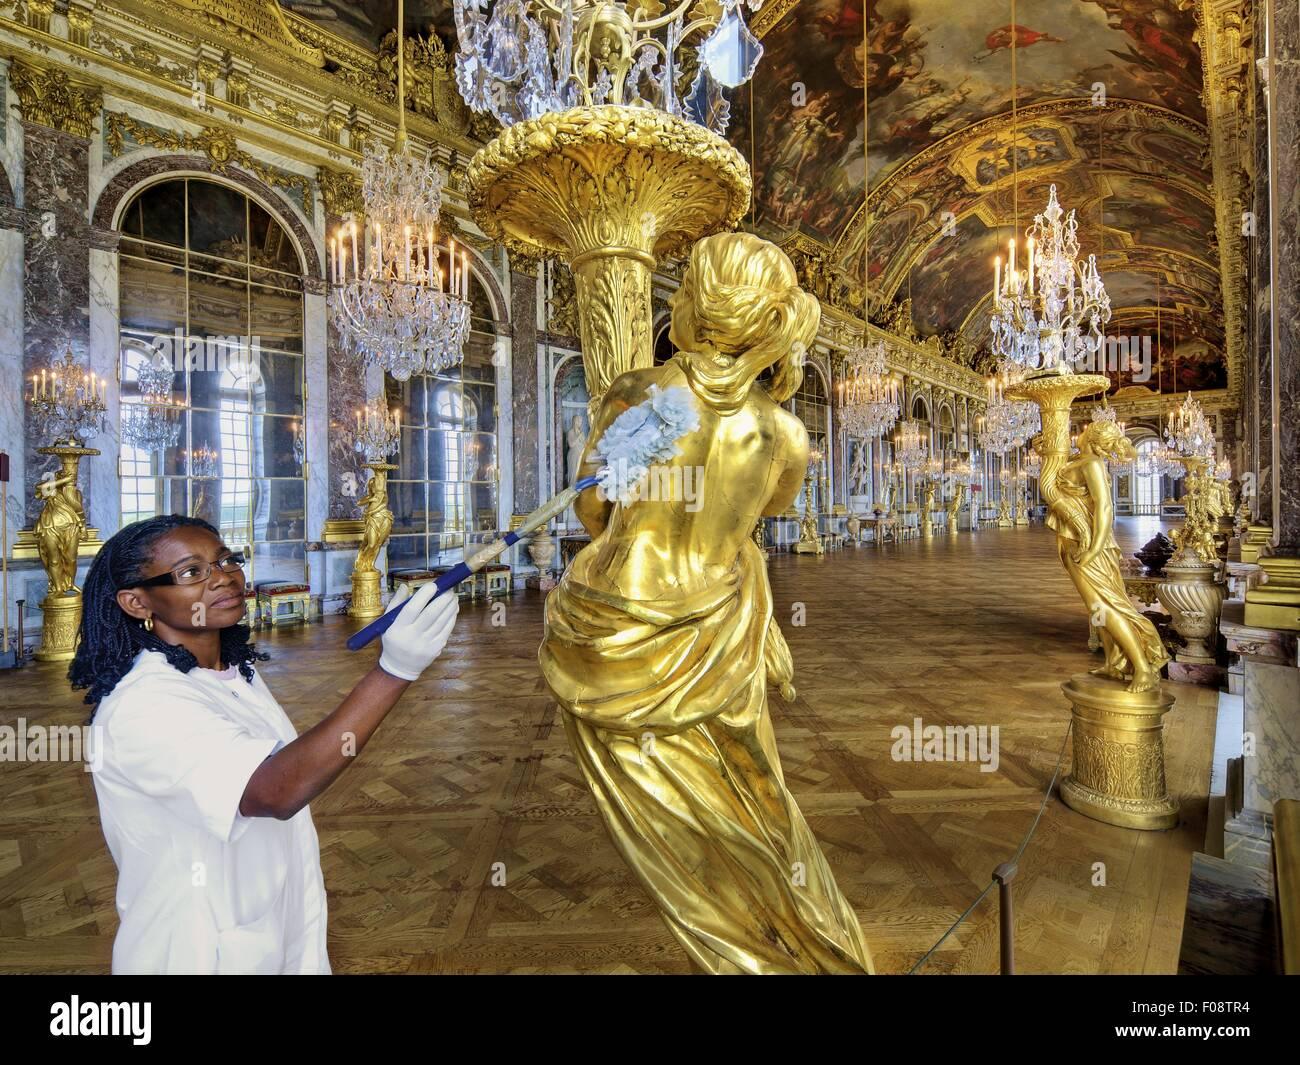 Kronleuchter Für Saal ~ Saal des schloss versailles mit spiegeln fresken und